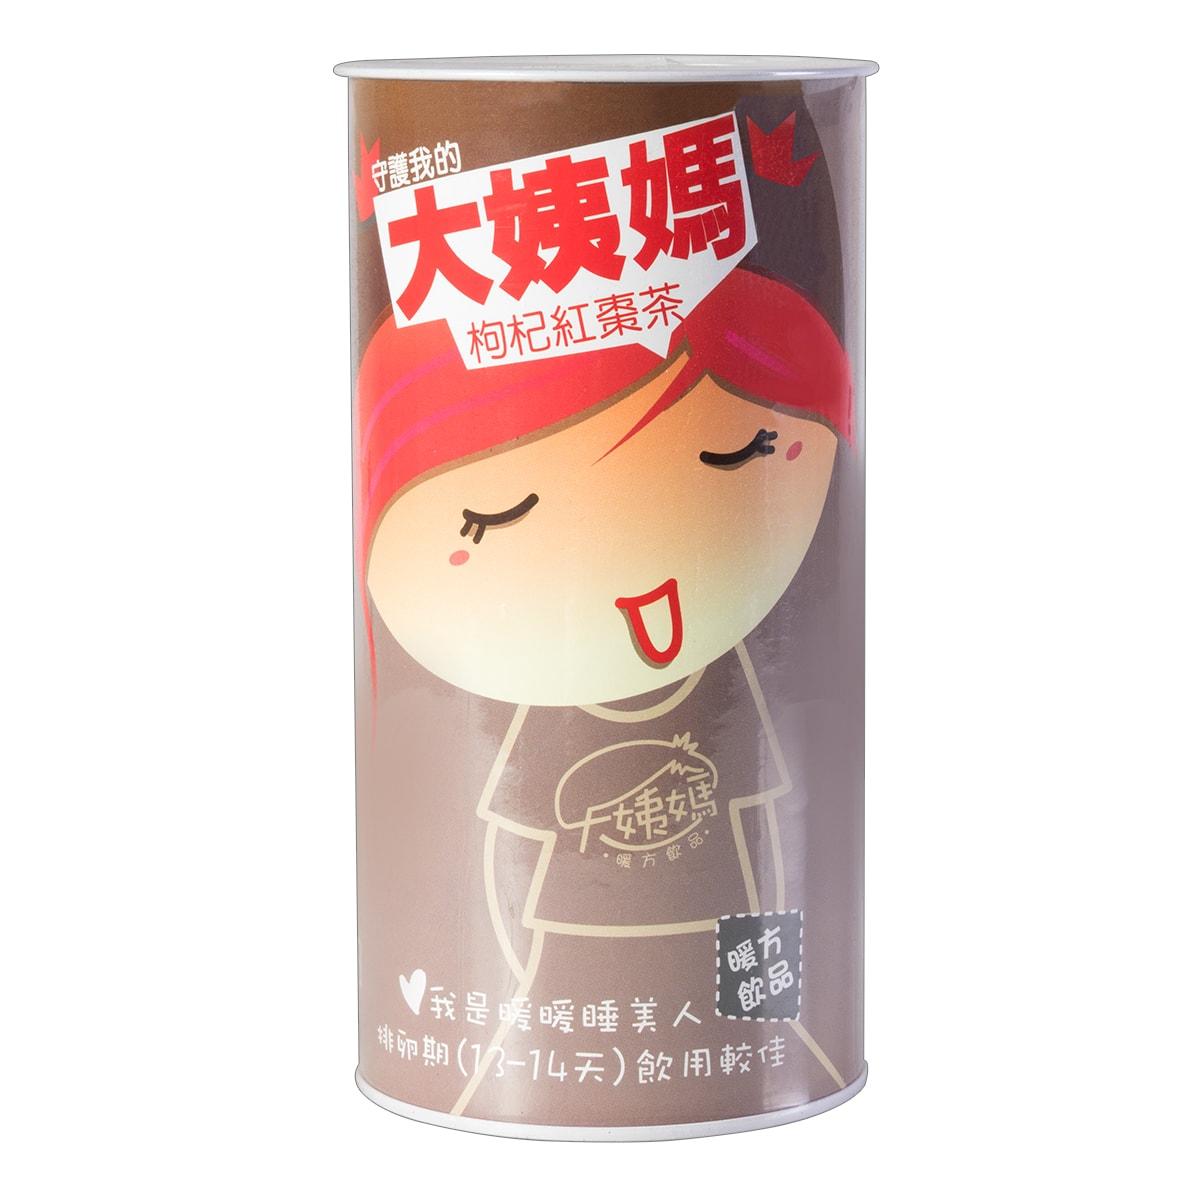 台湾大姨妈 枸杞红枣茶 8包入 240g